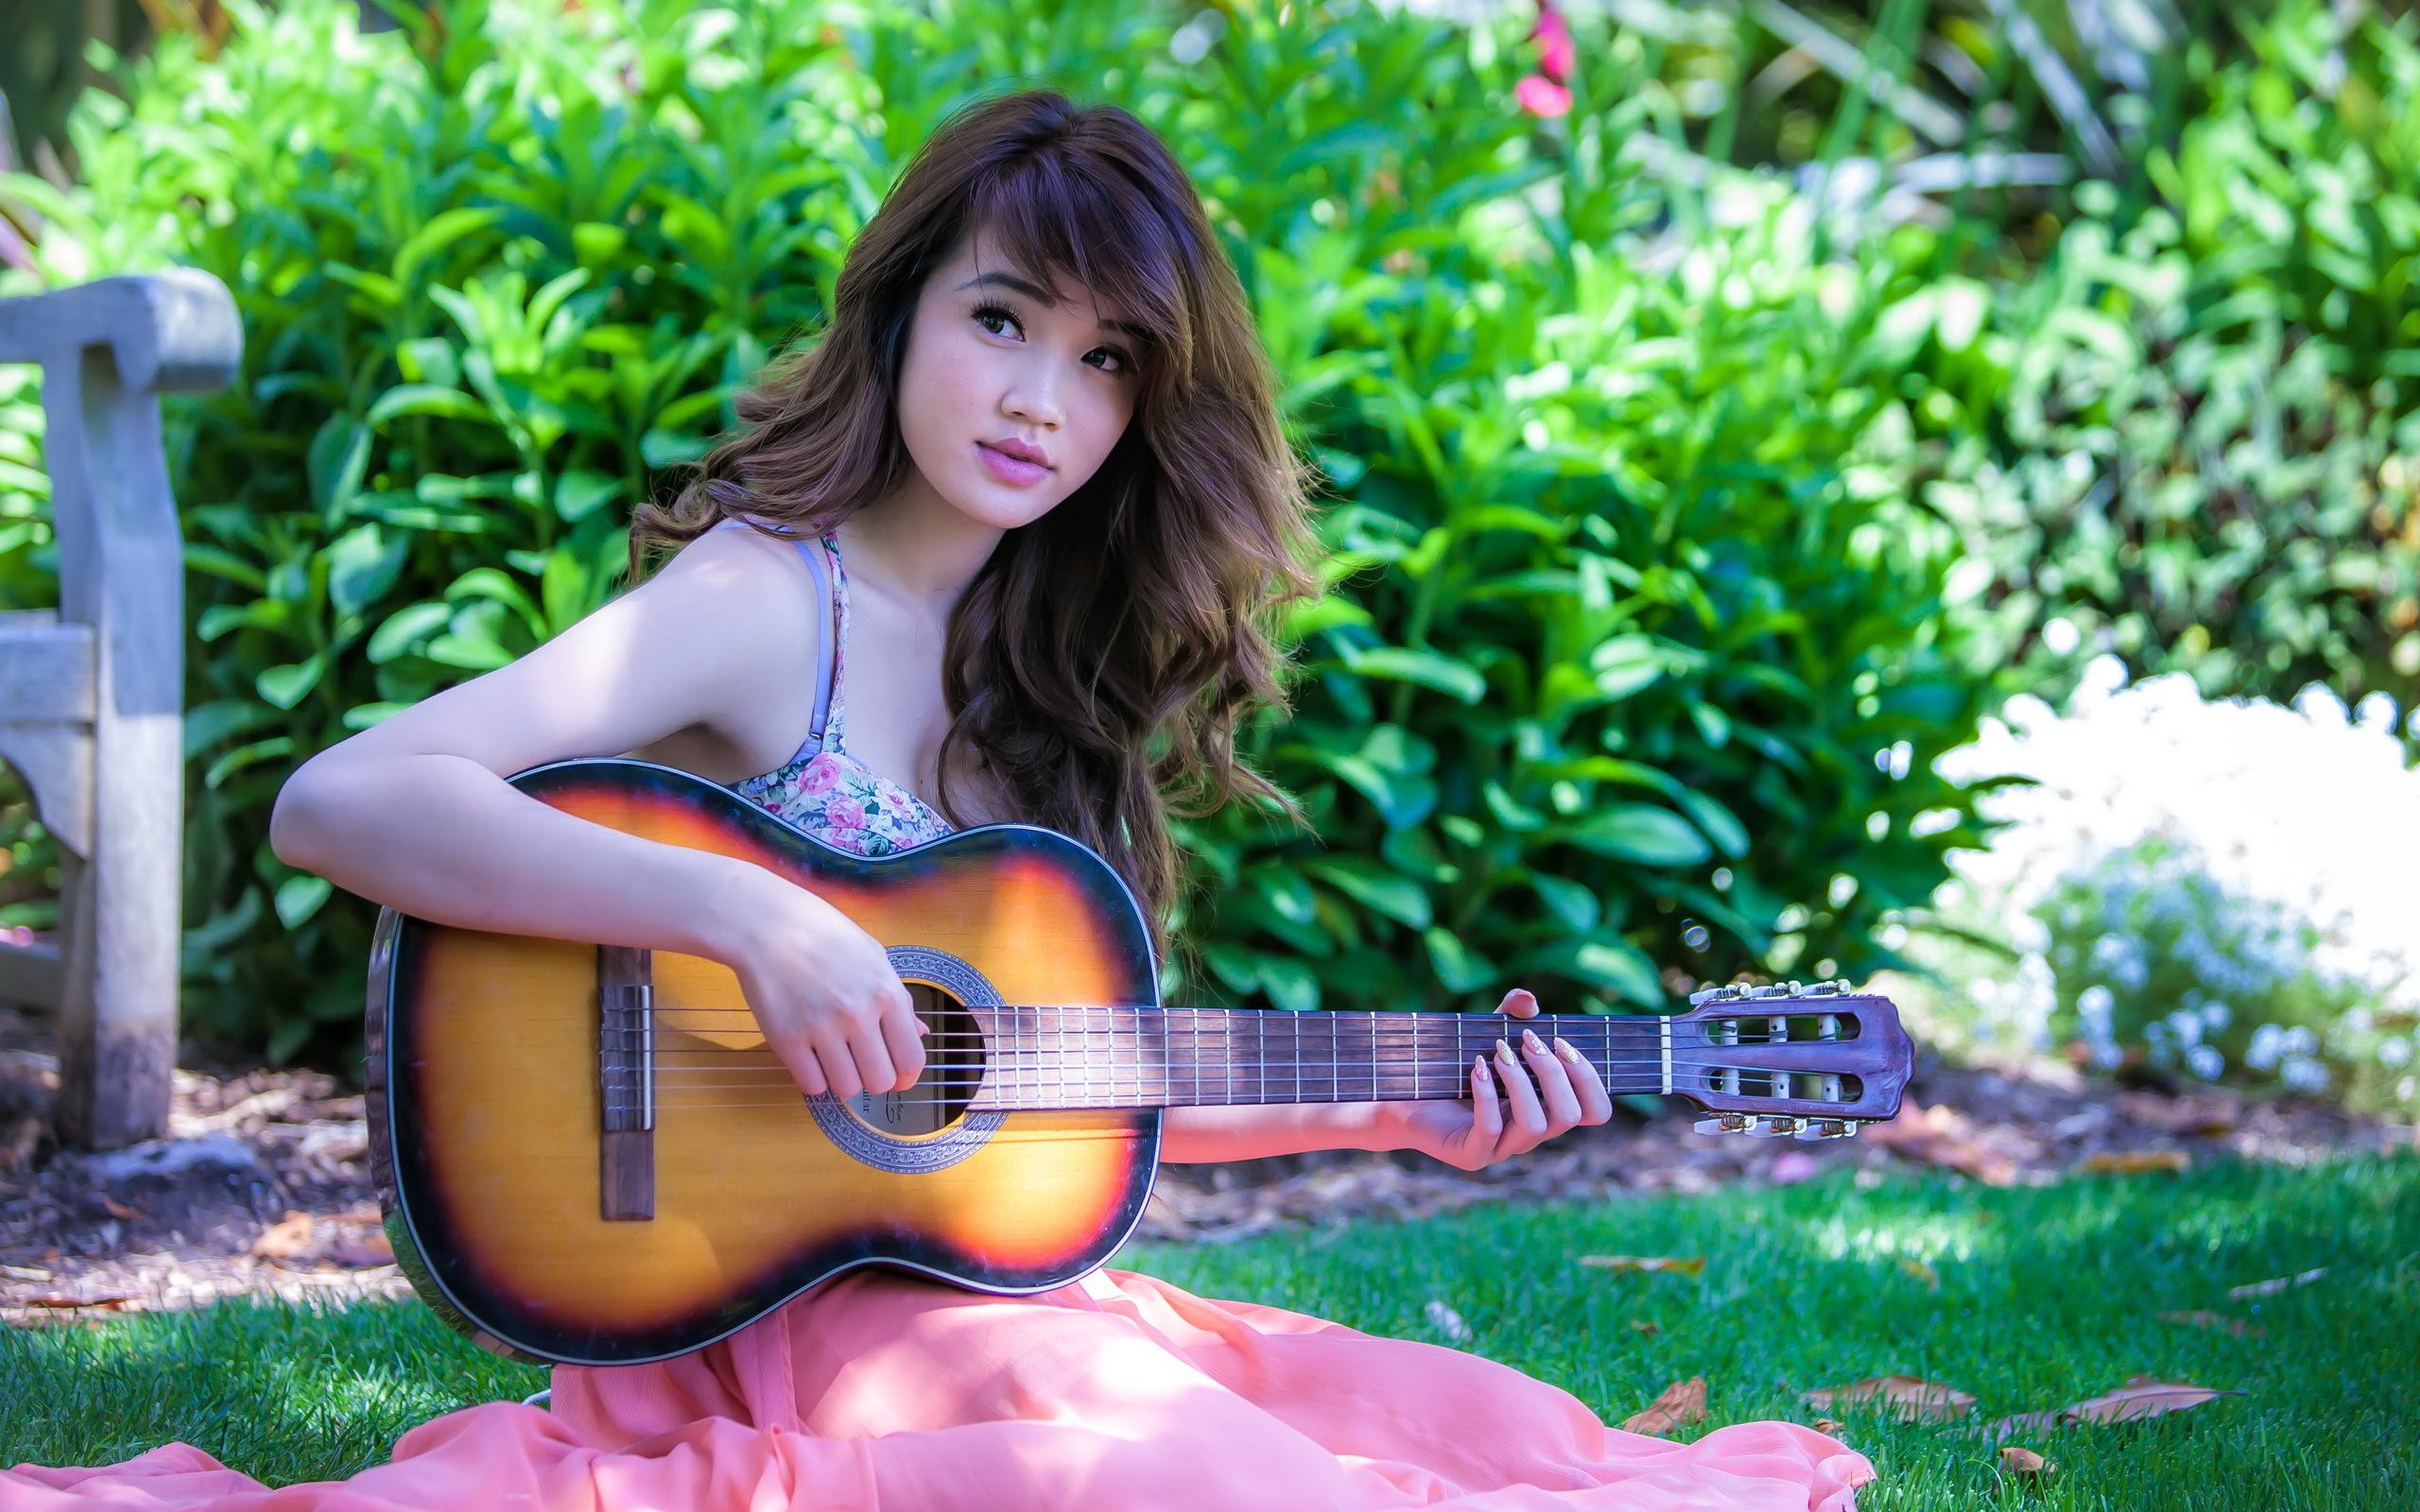 девушки гитара улыбка  № 465397 бесплатно